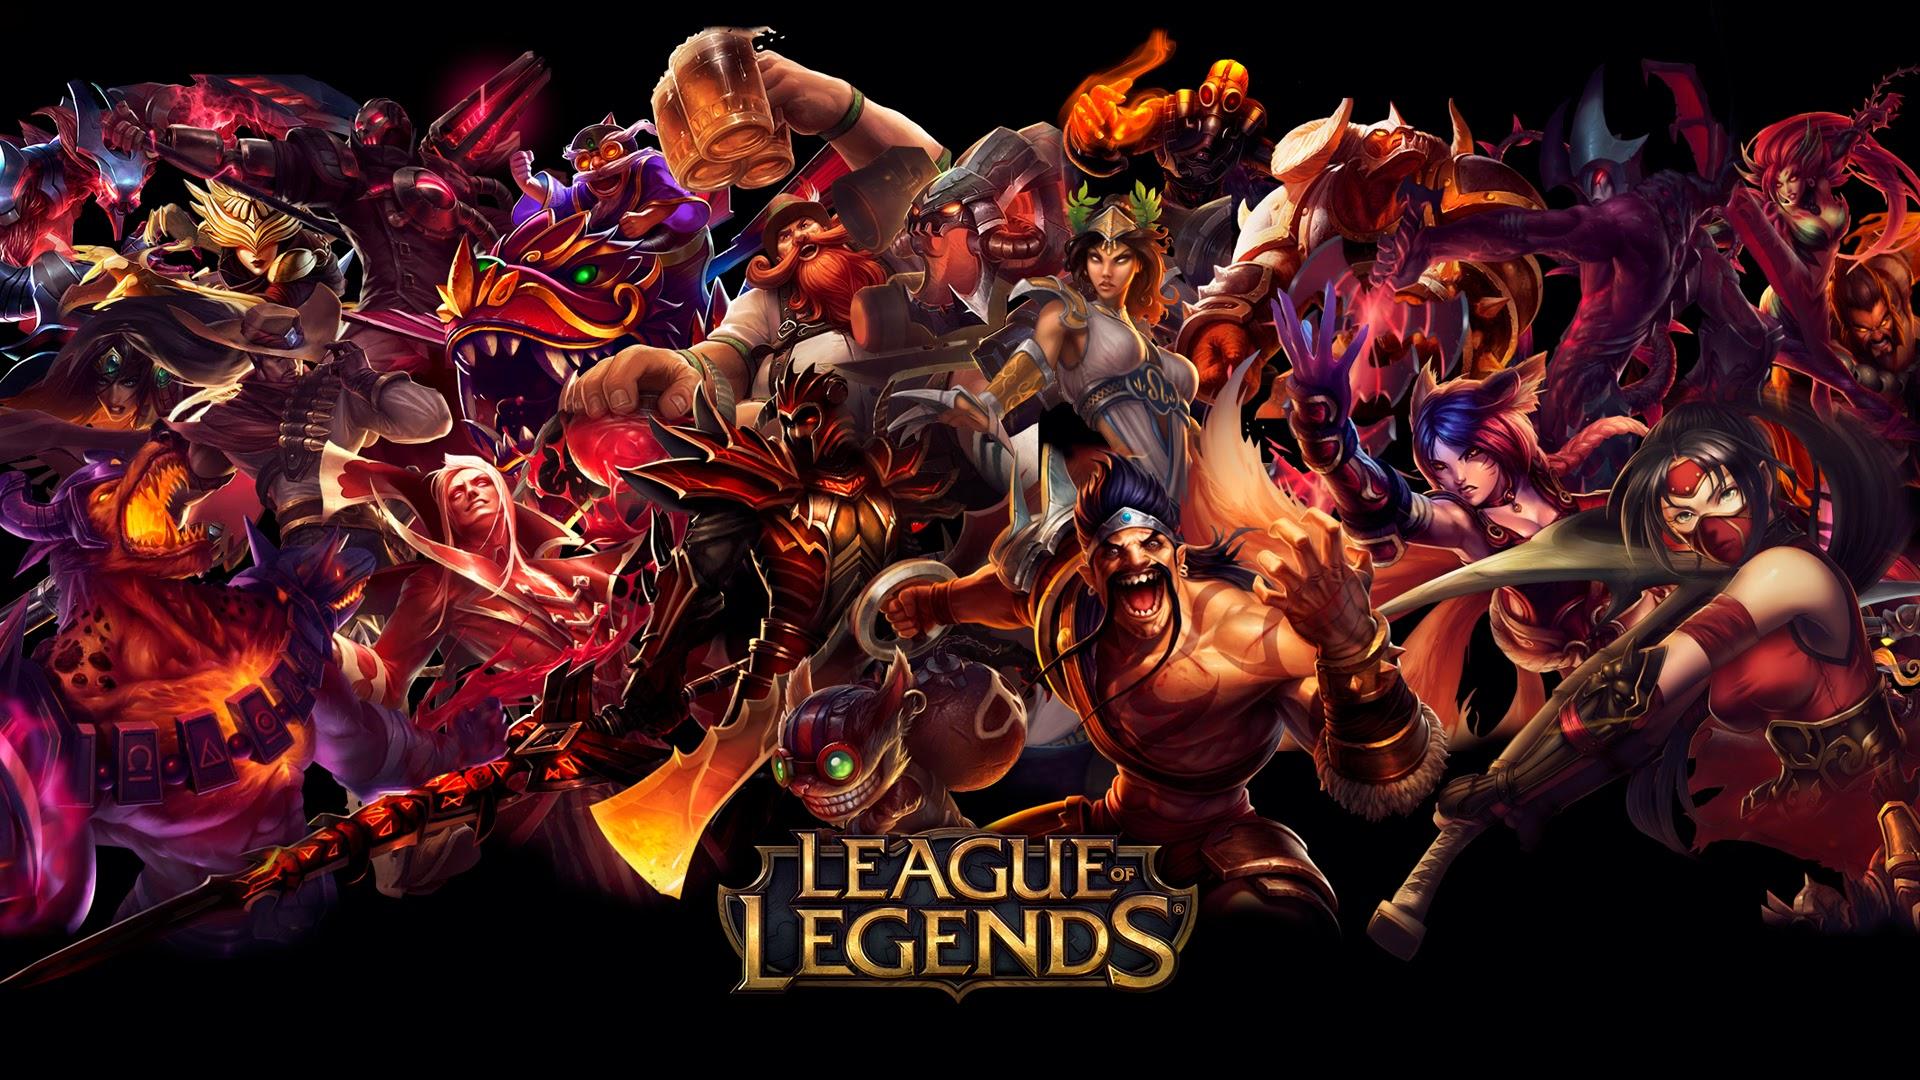 League Of Legends Wallpaper 1920x1080 Akali League of legends red hd 1920x1080